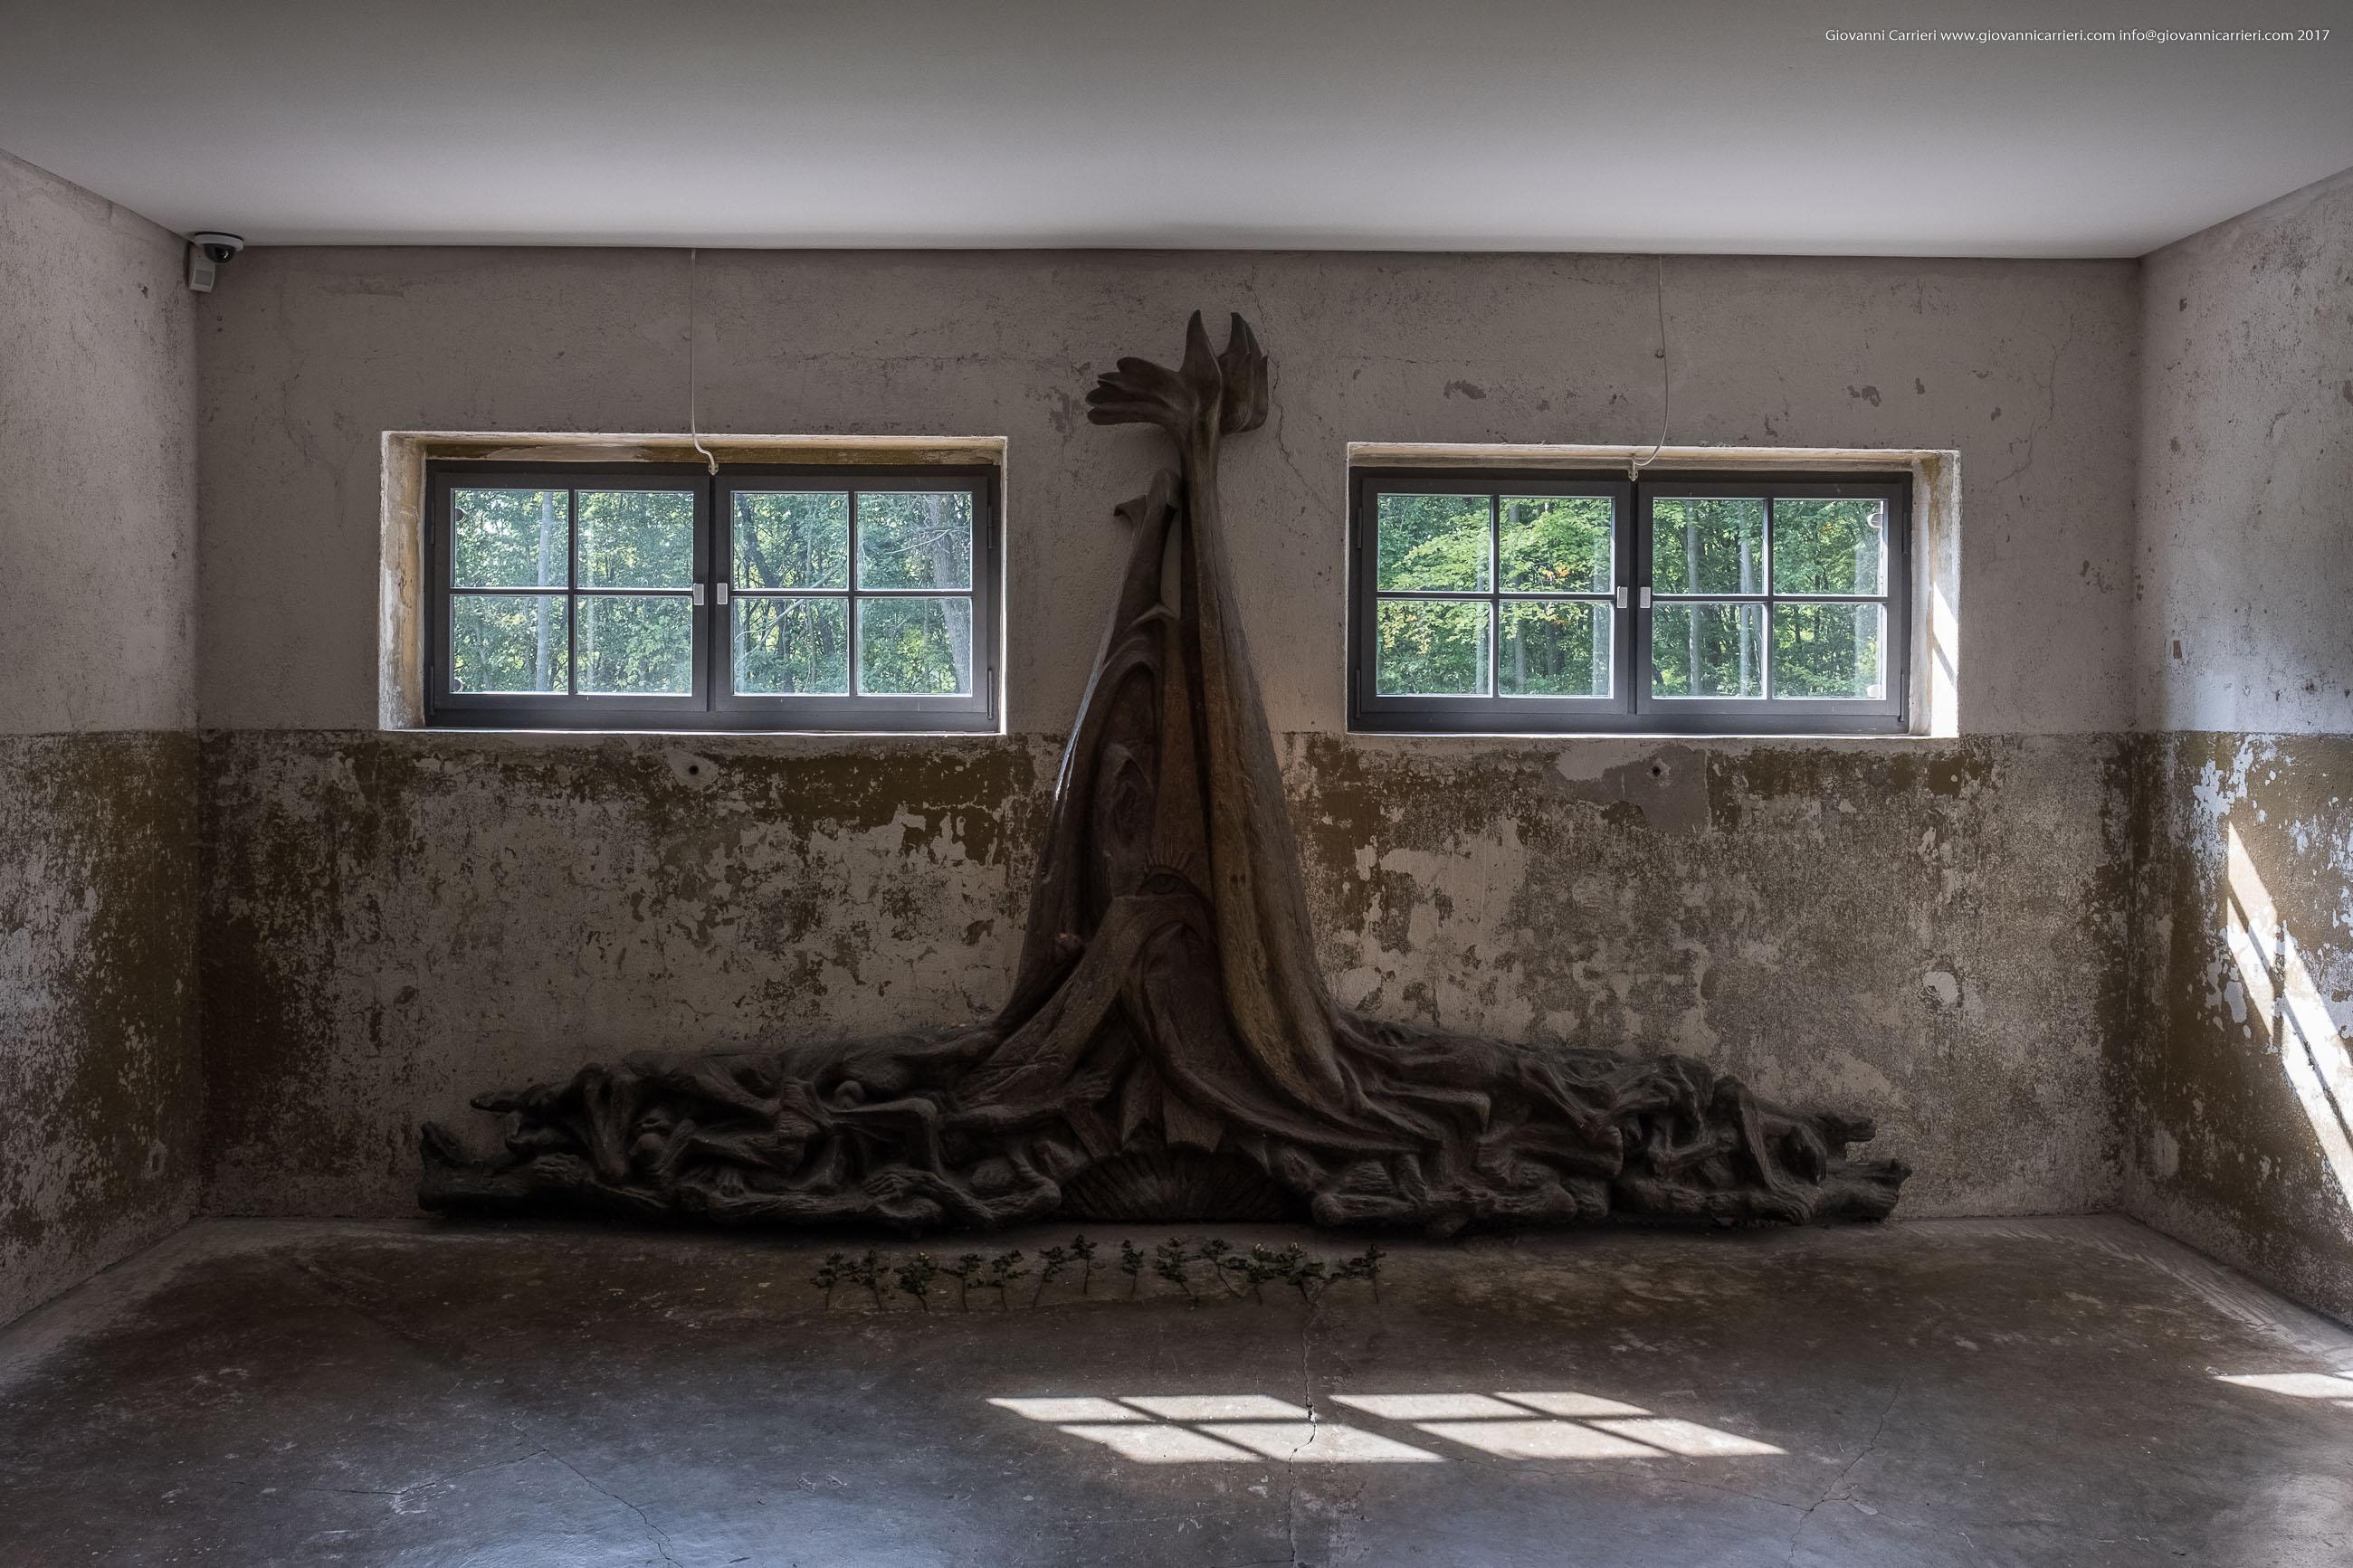 Il monumento posto di fronte ai forni crematori di Mittelbau-Dora